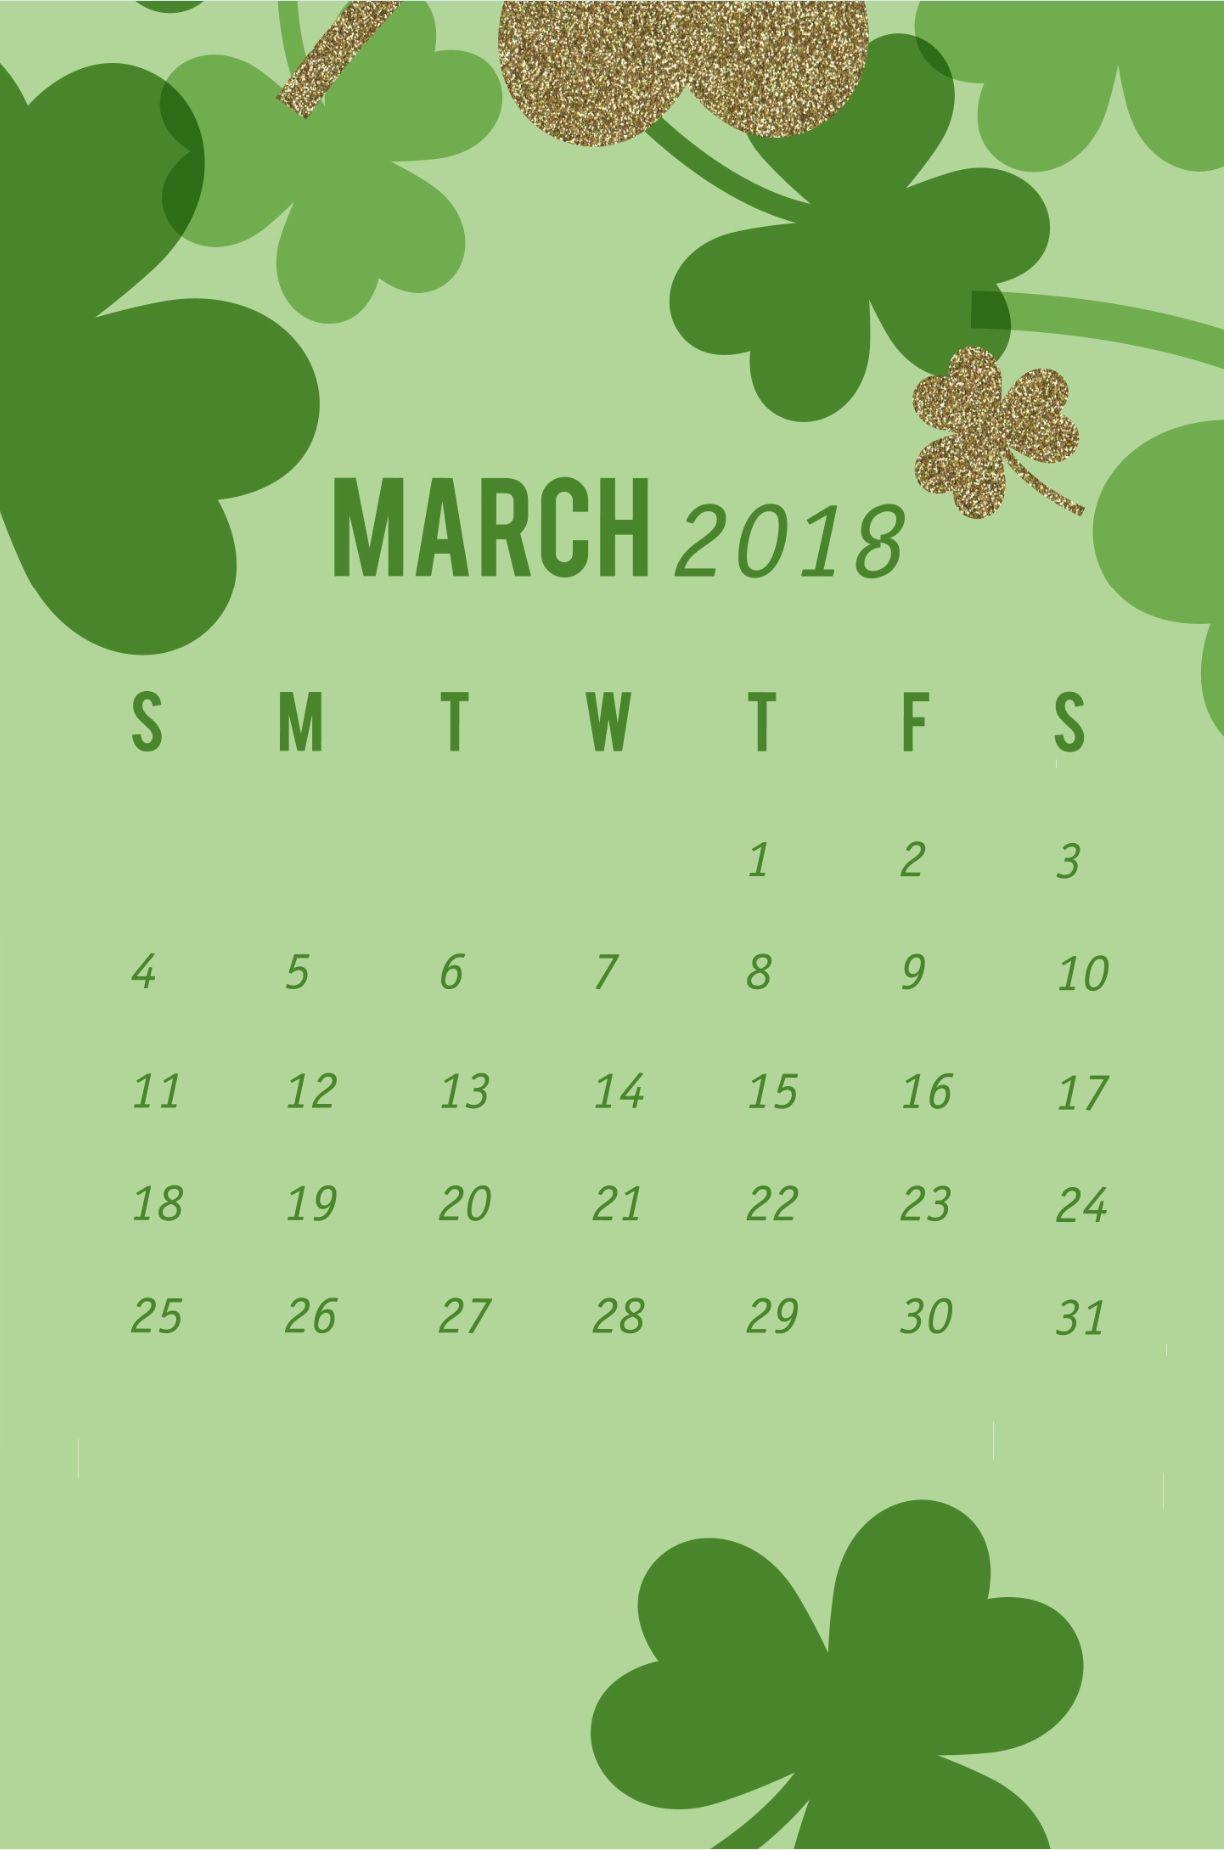 March 2018 Wallpaper Calendar iPhone | Calendar Designs | Calendar wallpaper, Iphone wallpaper ...